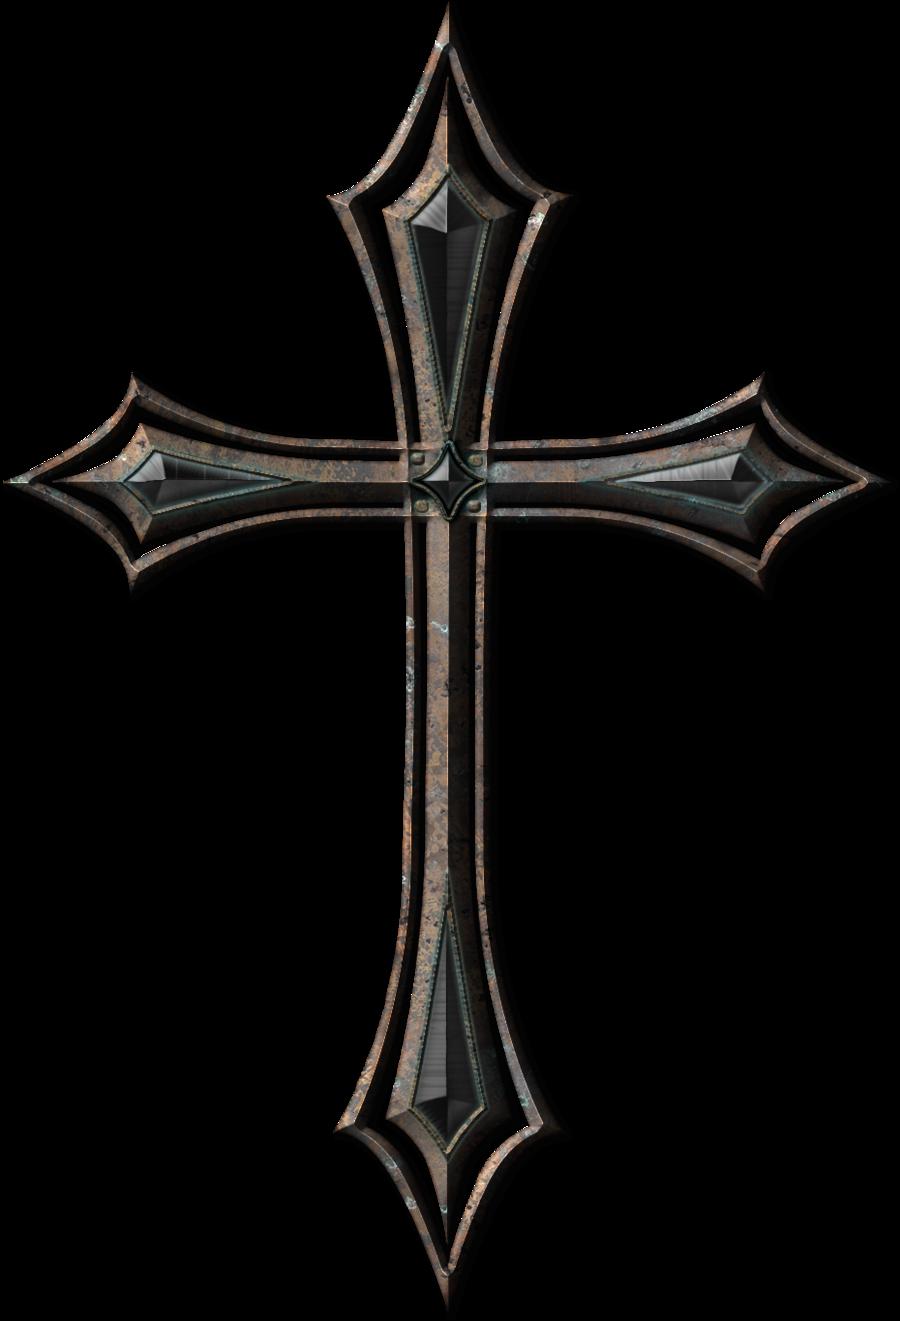 Cross Tattoo Transparent: Pin On God